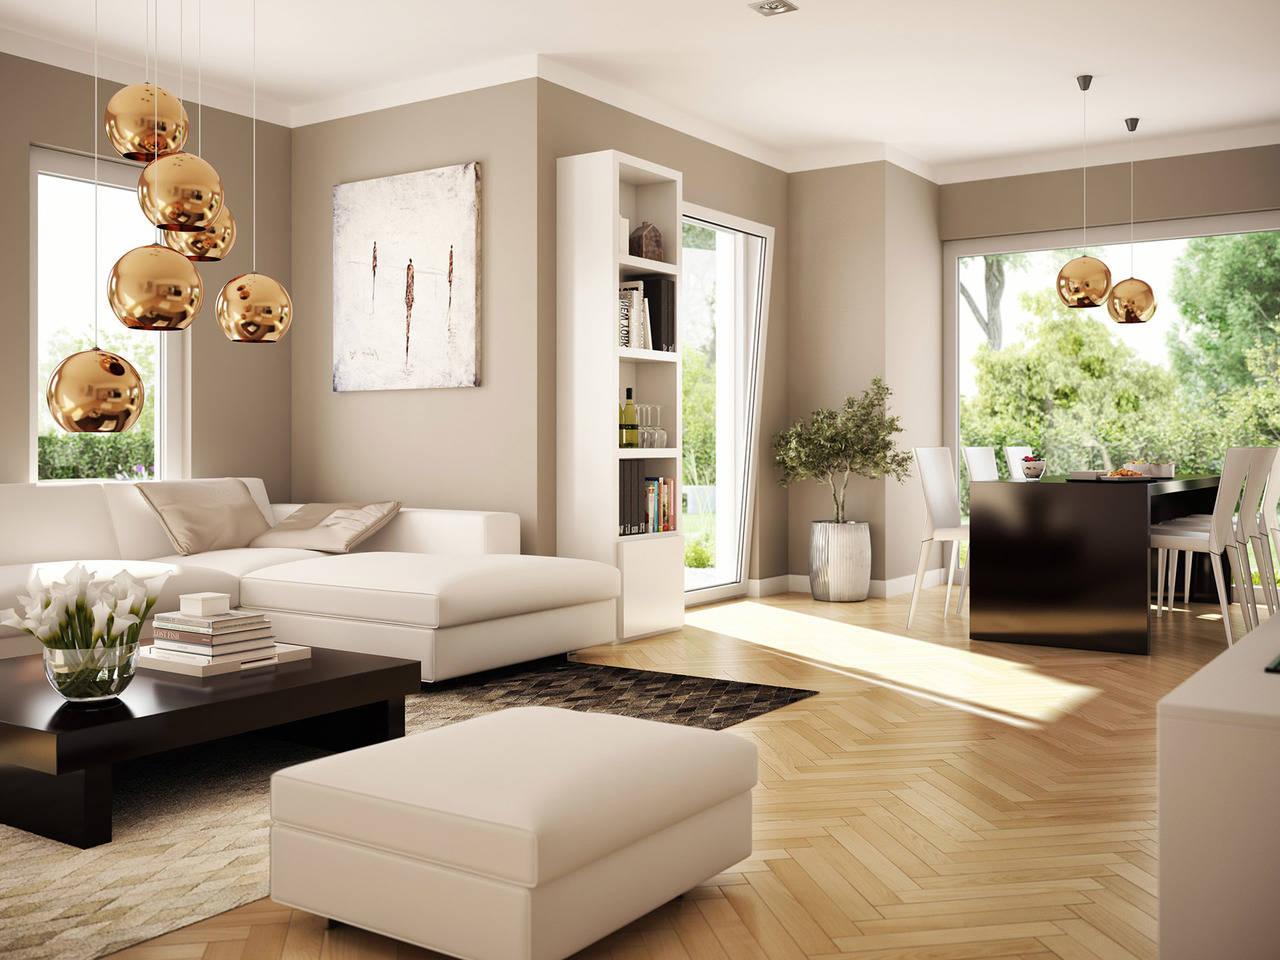 Haus SOLUTION 87 V4 Wohnbereich von Living Haus